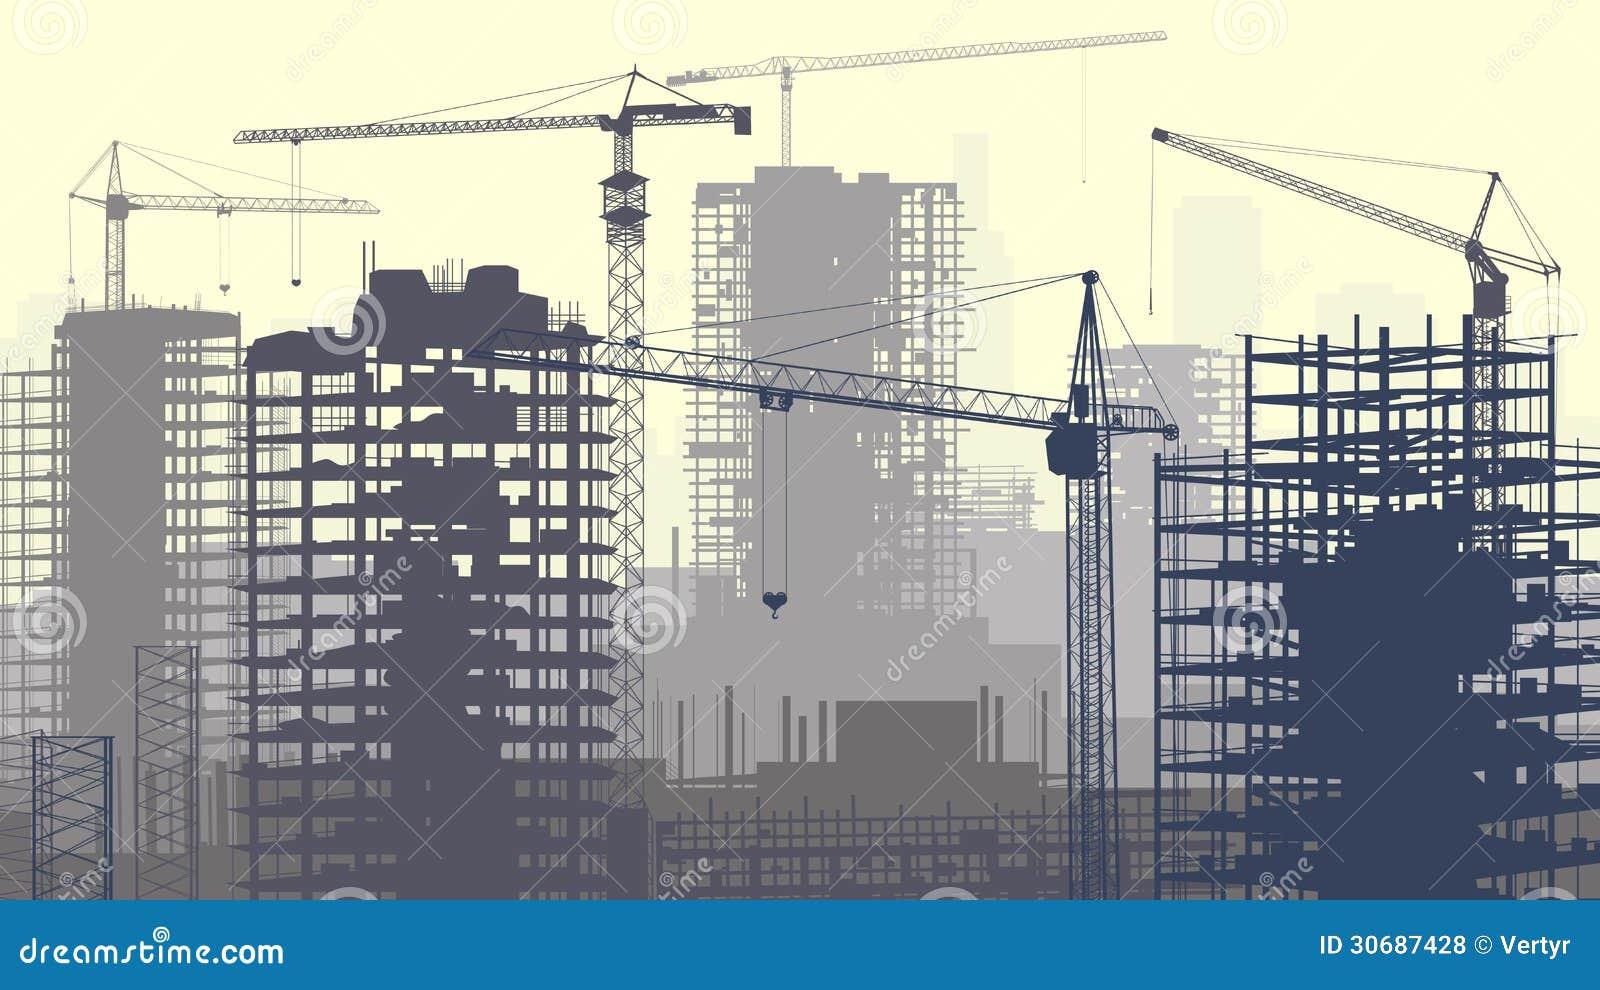 Ilustração do canteiro de obras com guindastes e construção.